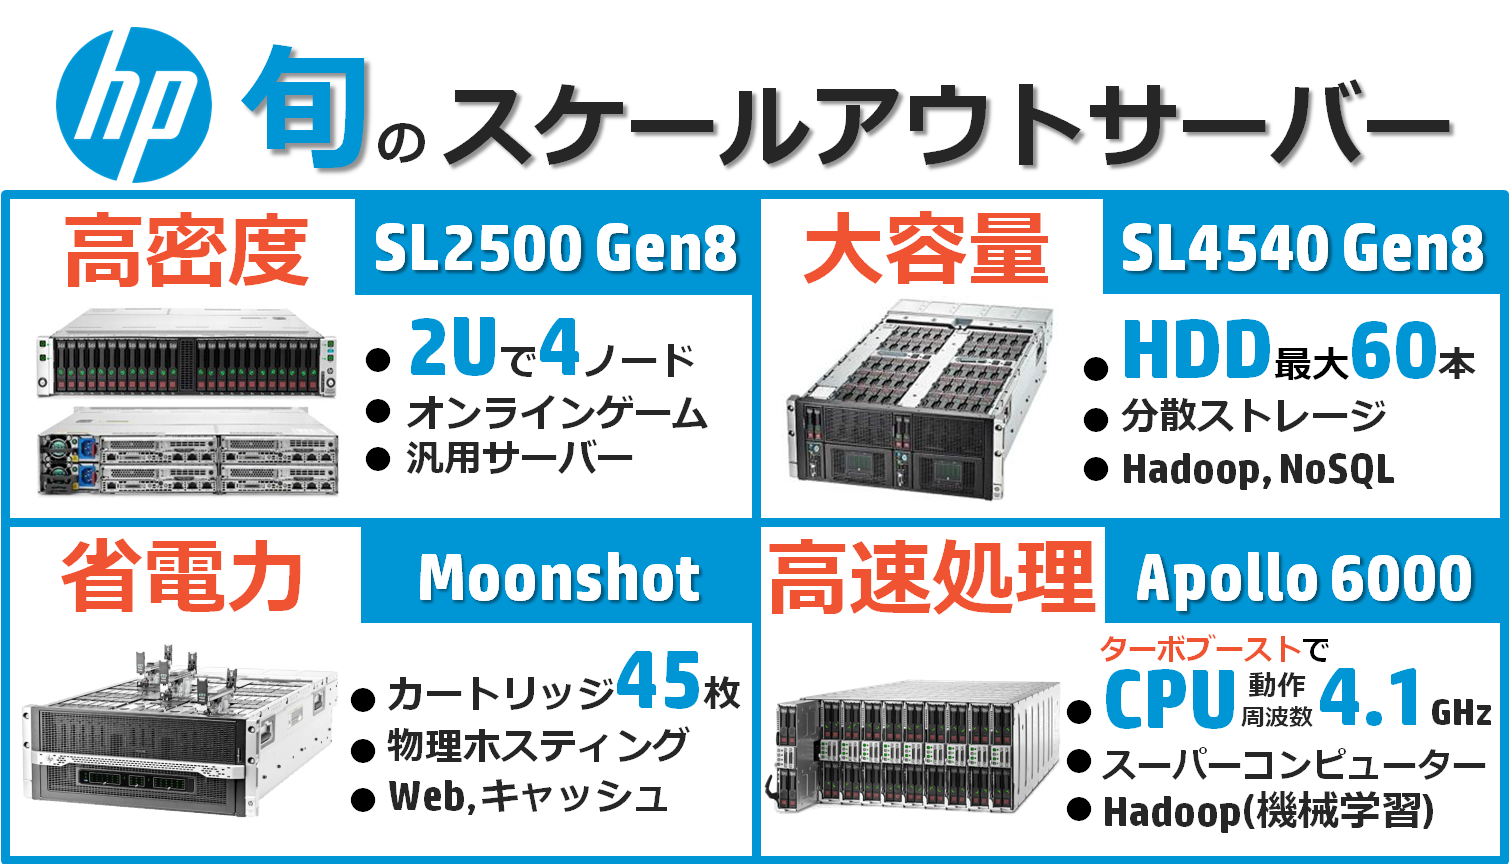 日本ヒューレット・パッカード株式会社